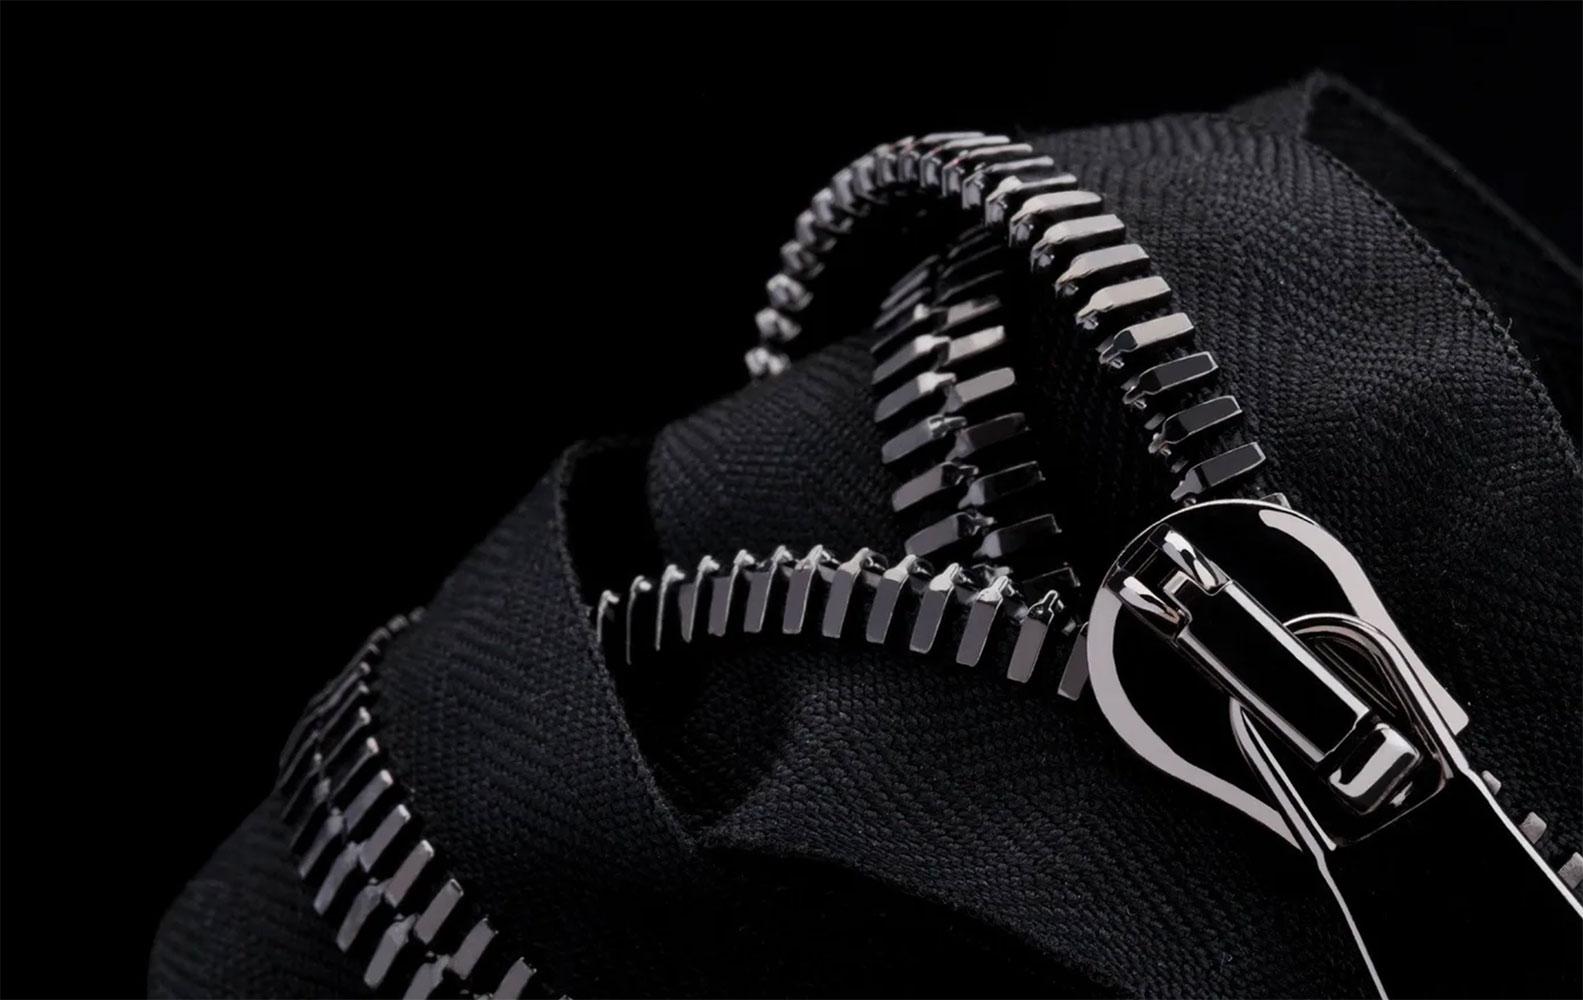 Dây khóa kéo: Chi tiết giúp phân biệt túi xách thật – giả, sang – dổm: Ảnh: Raccagni